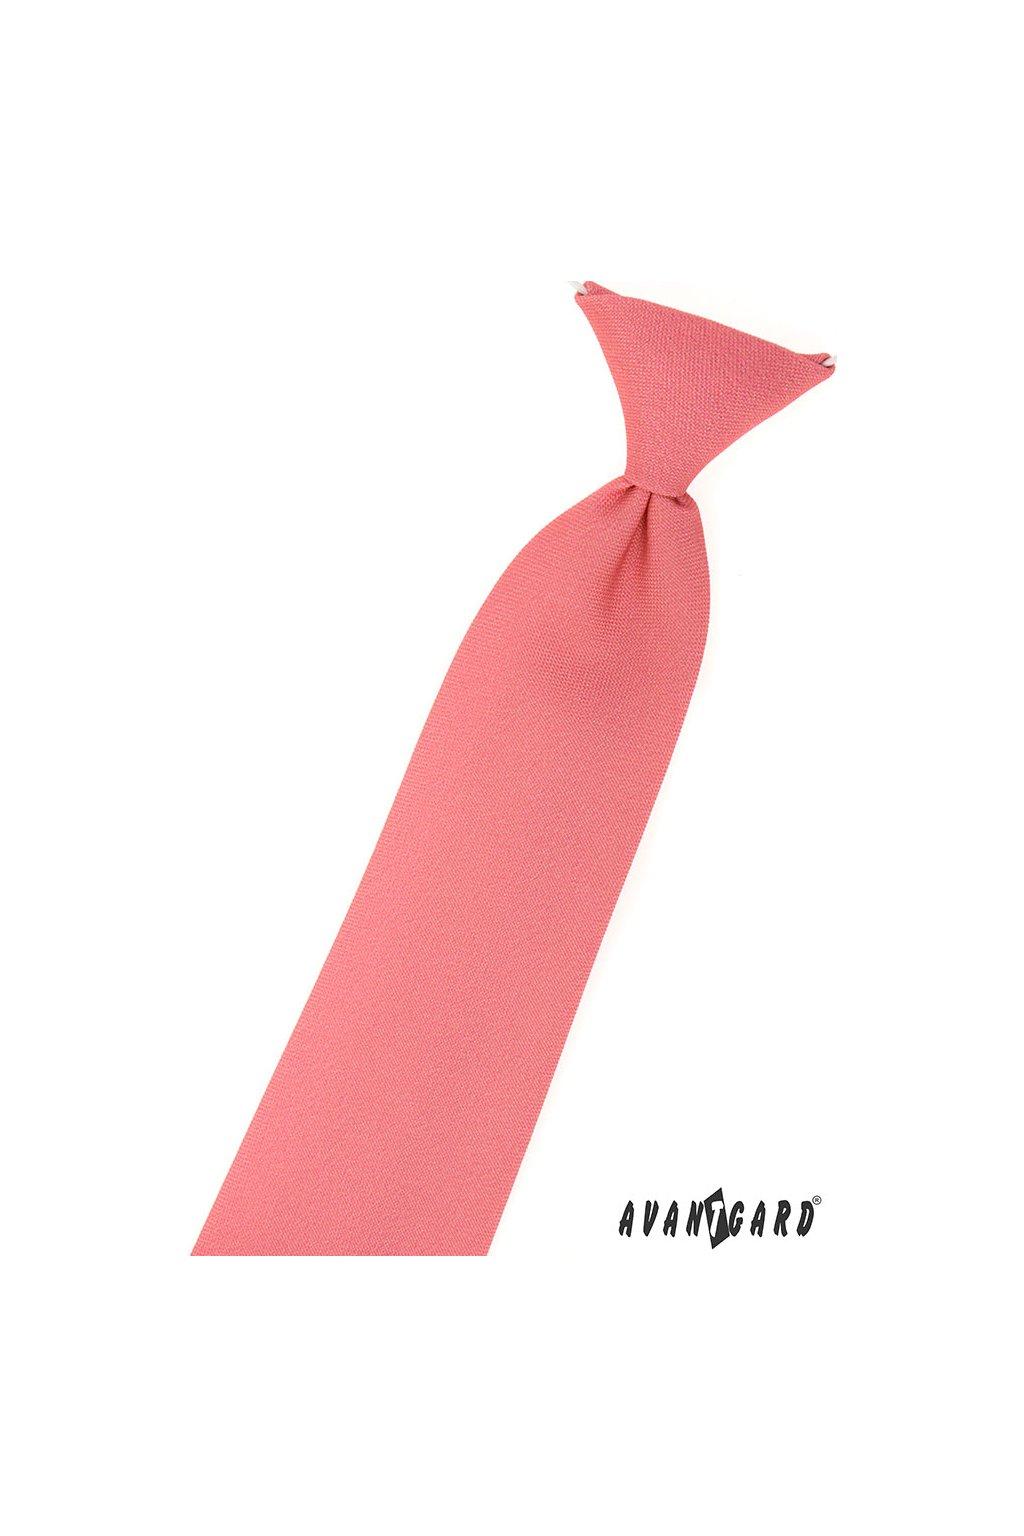 Chlapecká kravata korálová 558 - 9812